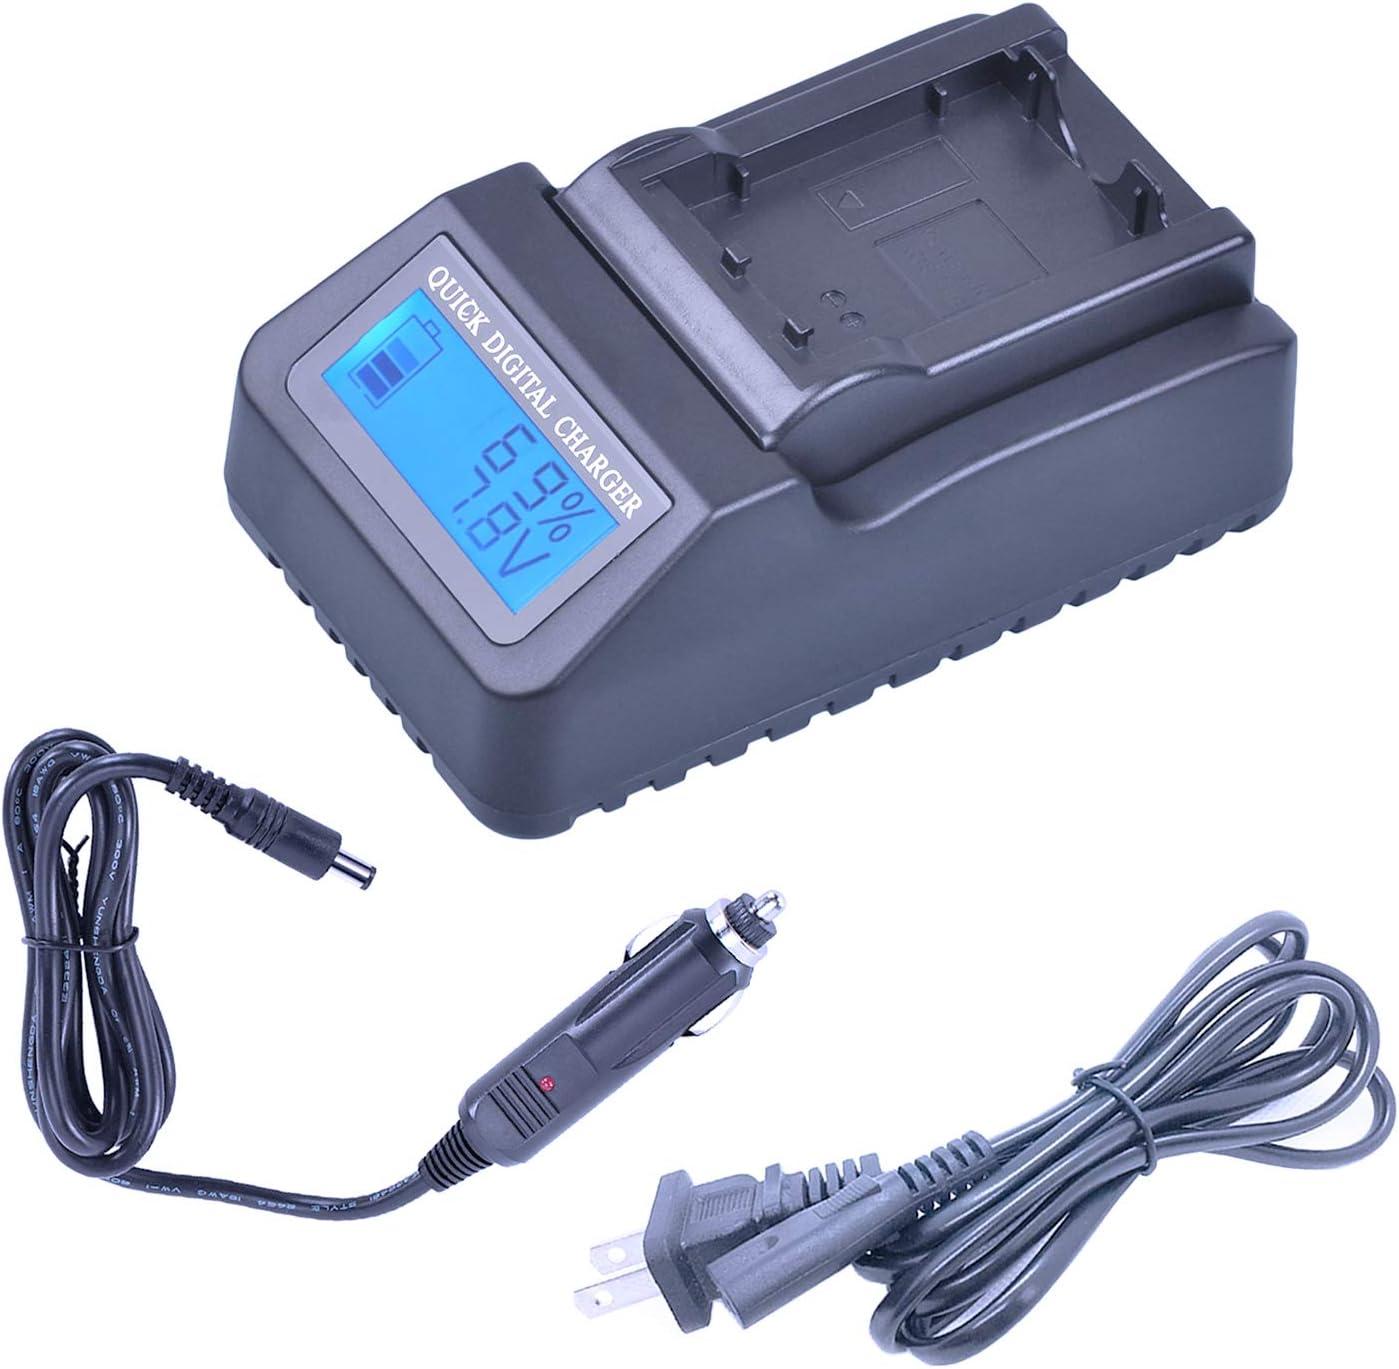 DCR-SR67 DCR-SR67E Handycam Camcorder DCR-SR65E Portable USB Battery Charger for Sony DCR-SR65